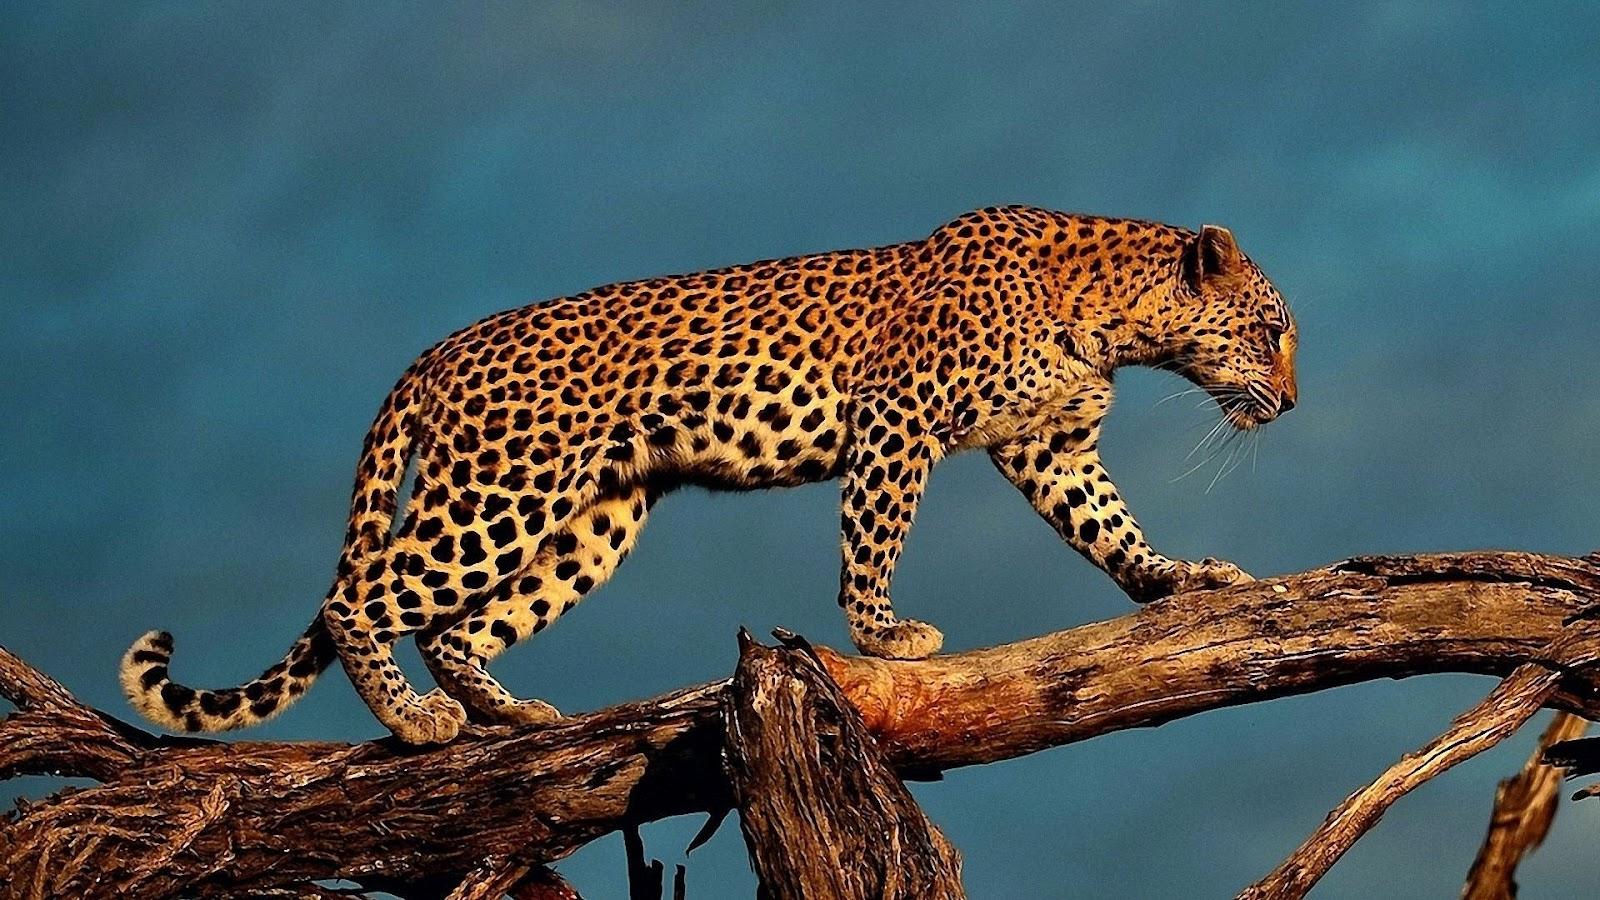 Leopard Backgrounds, Compatible - PC, Mobile, Gadgets| 1600x900 px